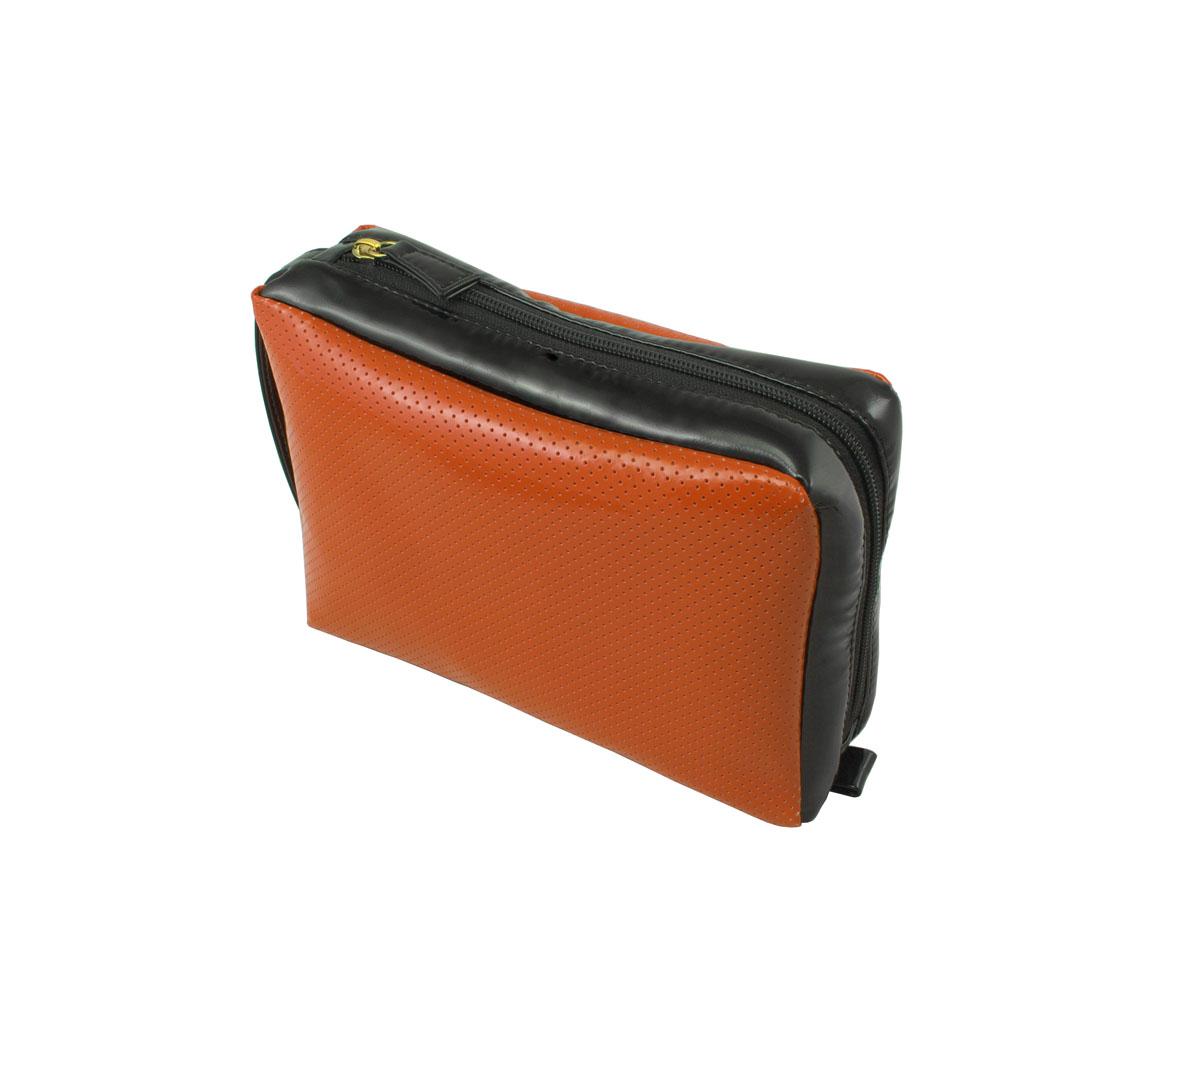 Косметичка дорожная Dimanche, цвет: оранжевый, черный. 284/11284/11Дорожная косметичка Dimanche выполнена из искусственной лакированной кожи с перфорацией. Косметичка имеет одно большое отделение и закрывается на застежку-молнию, расположенную по верхней и боковой стороне. На другой боковой стенке находится ручка. Внутри имеются две перегородки. Отличная косметичка для хранения косметических средств.